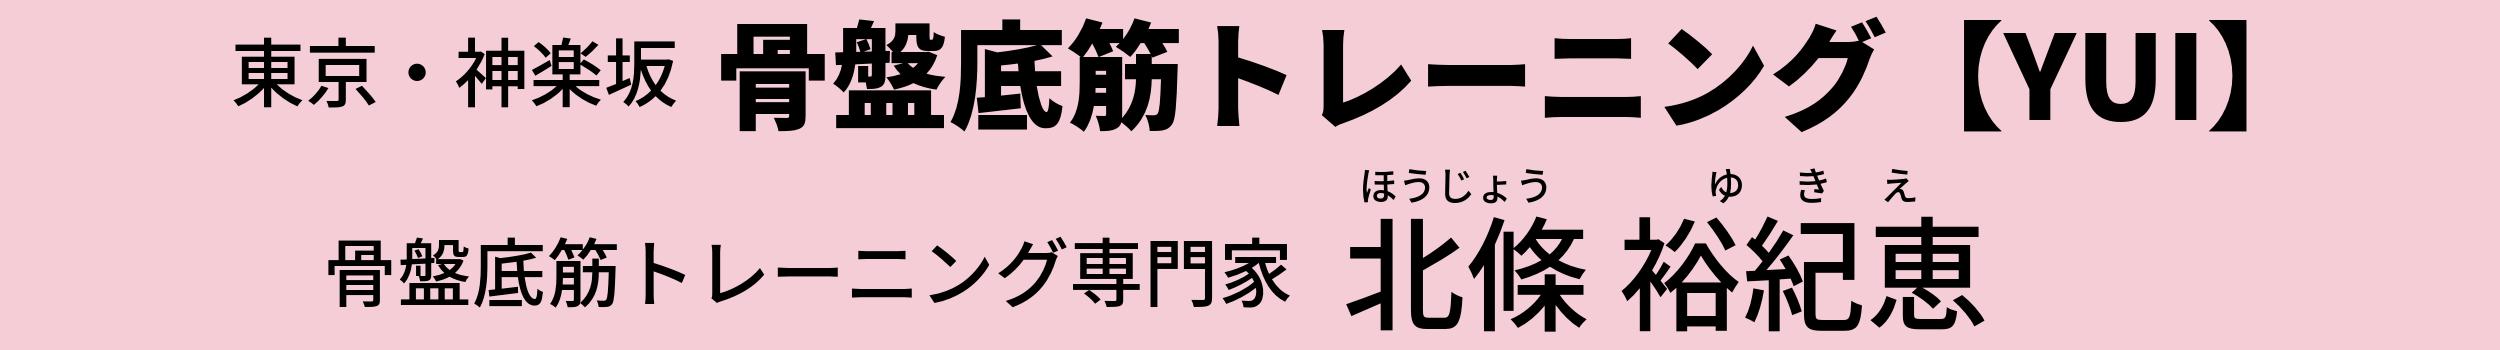 東京新宿区神楽坂 骨盤底筋トレーニング【YUI】 骨盤底筋トレーニング専門家 北條裕紀恵